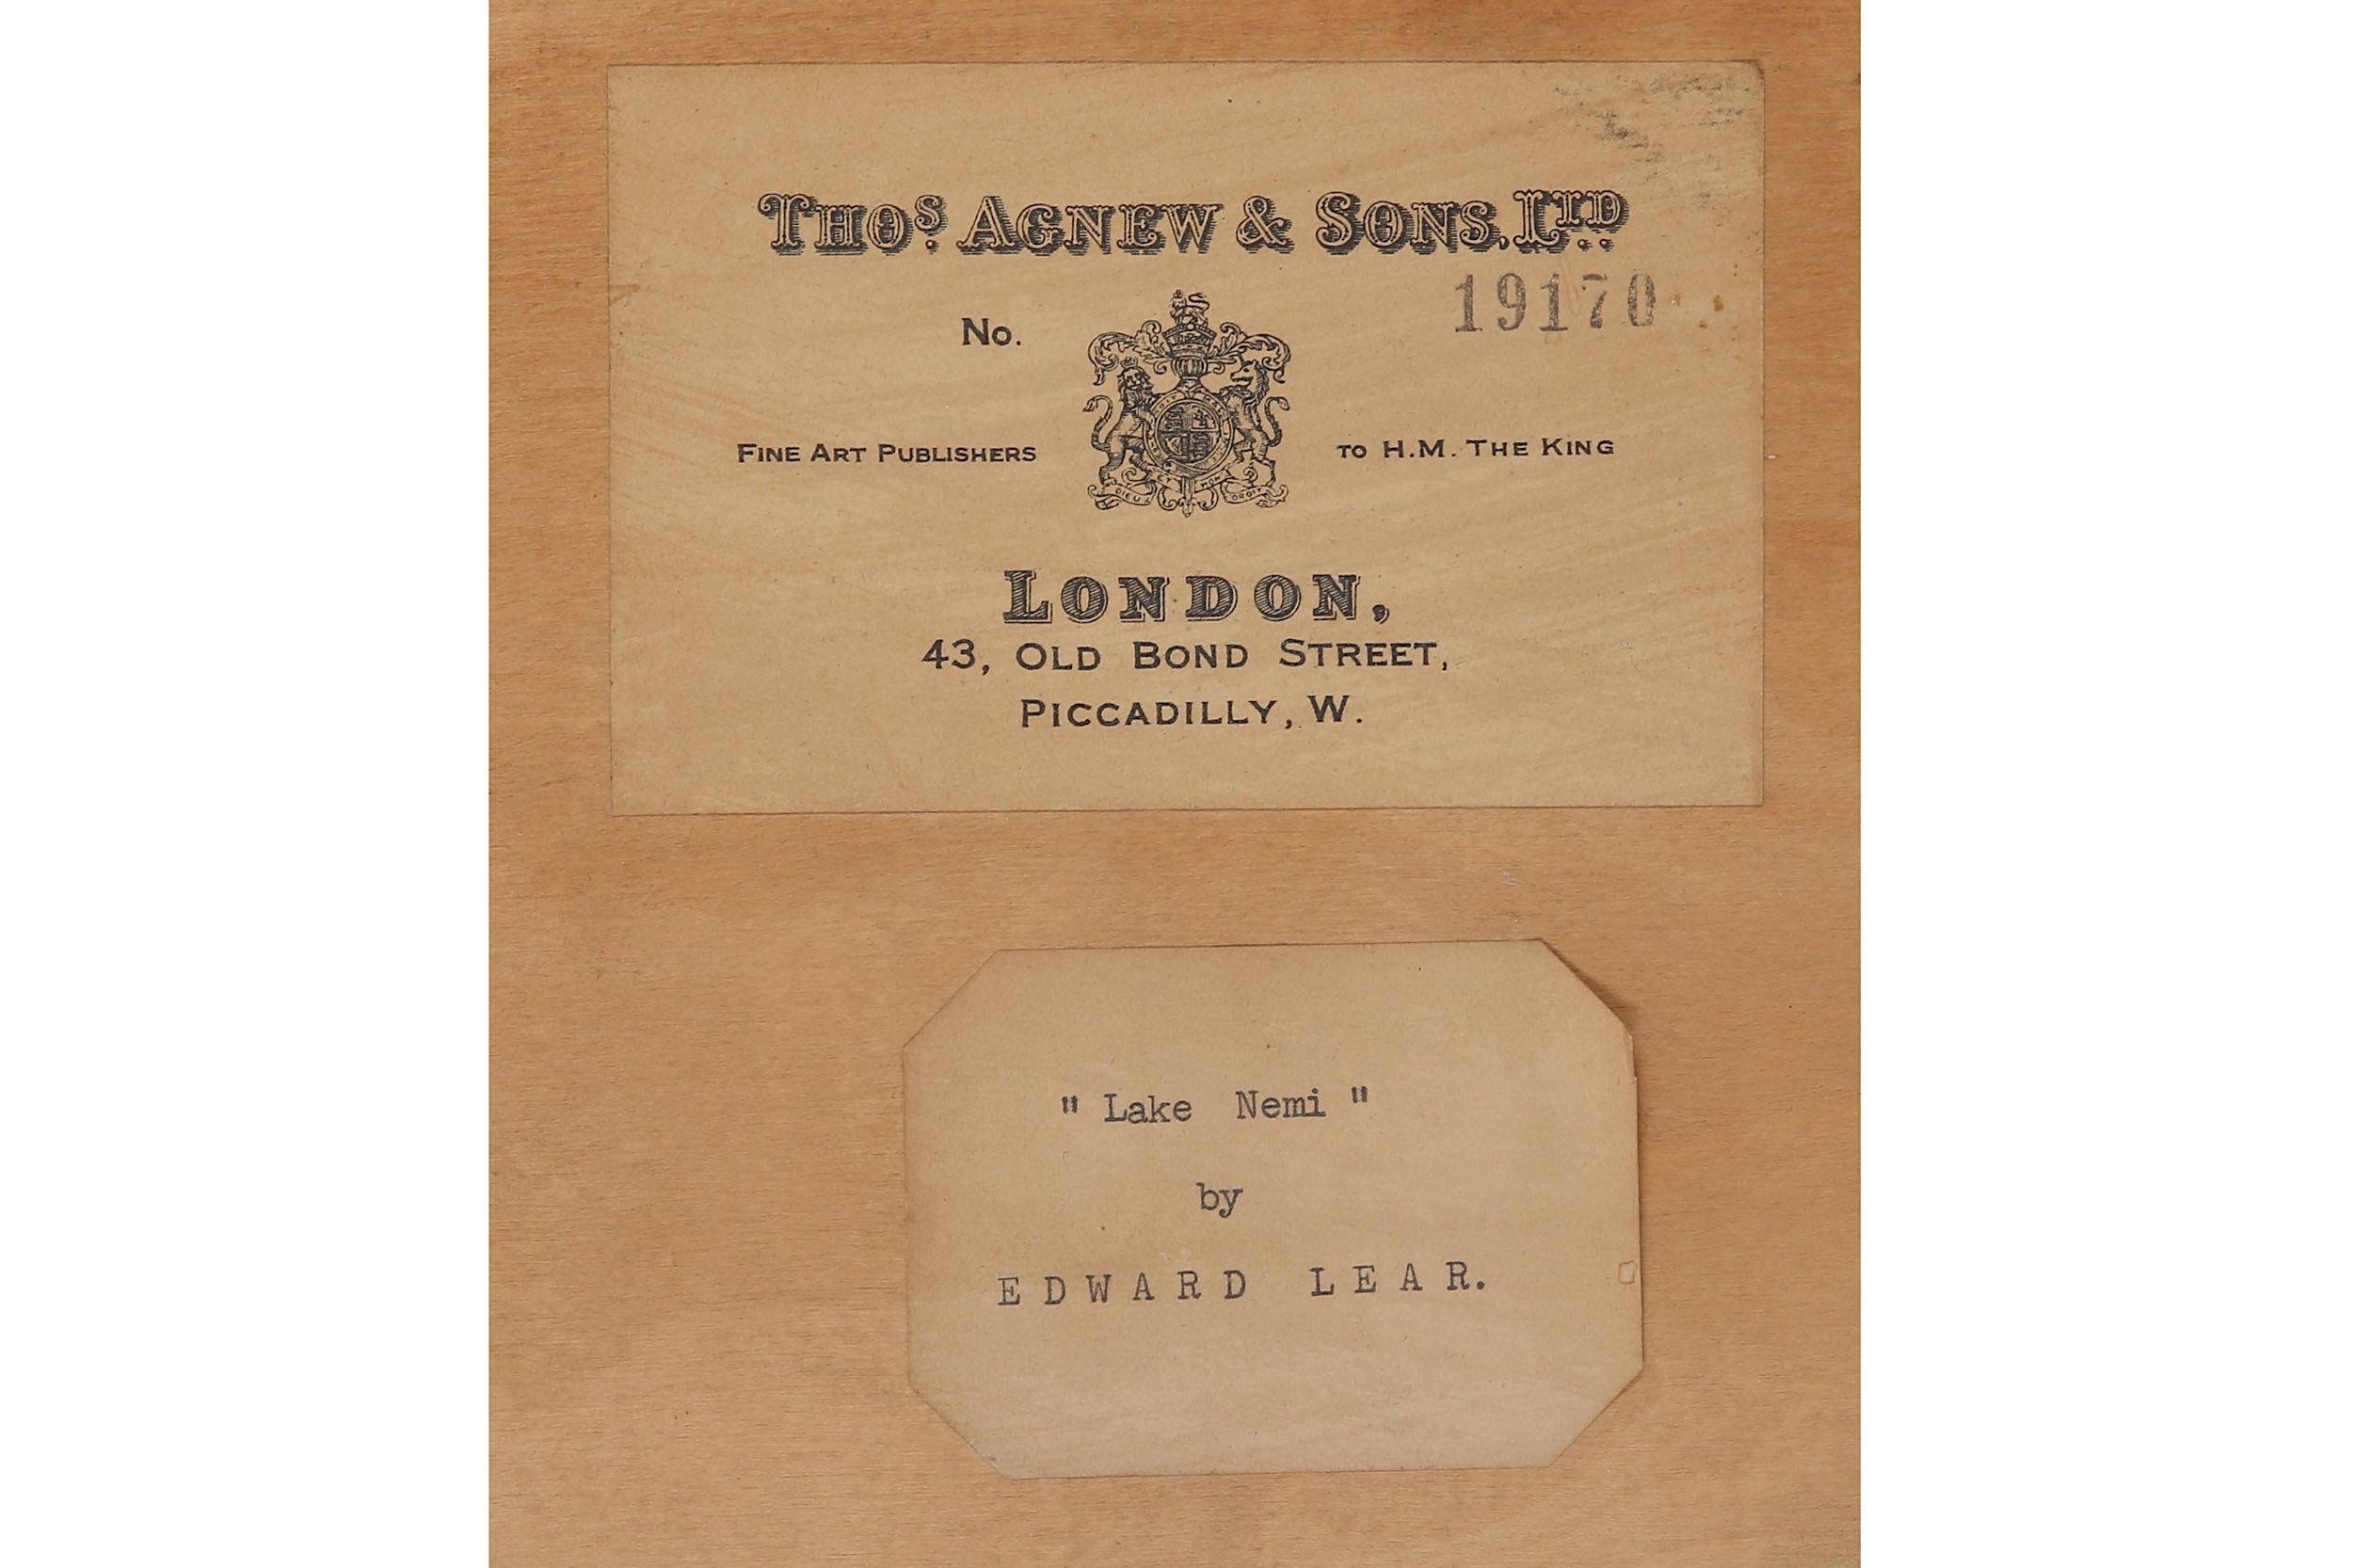 EDWARD LEAR (BRITISH 1812 - 1888) - Image 4 of 4